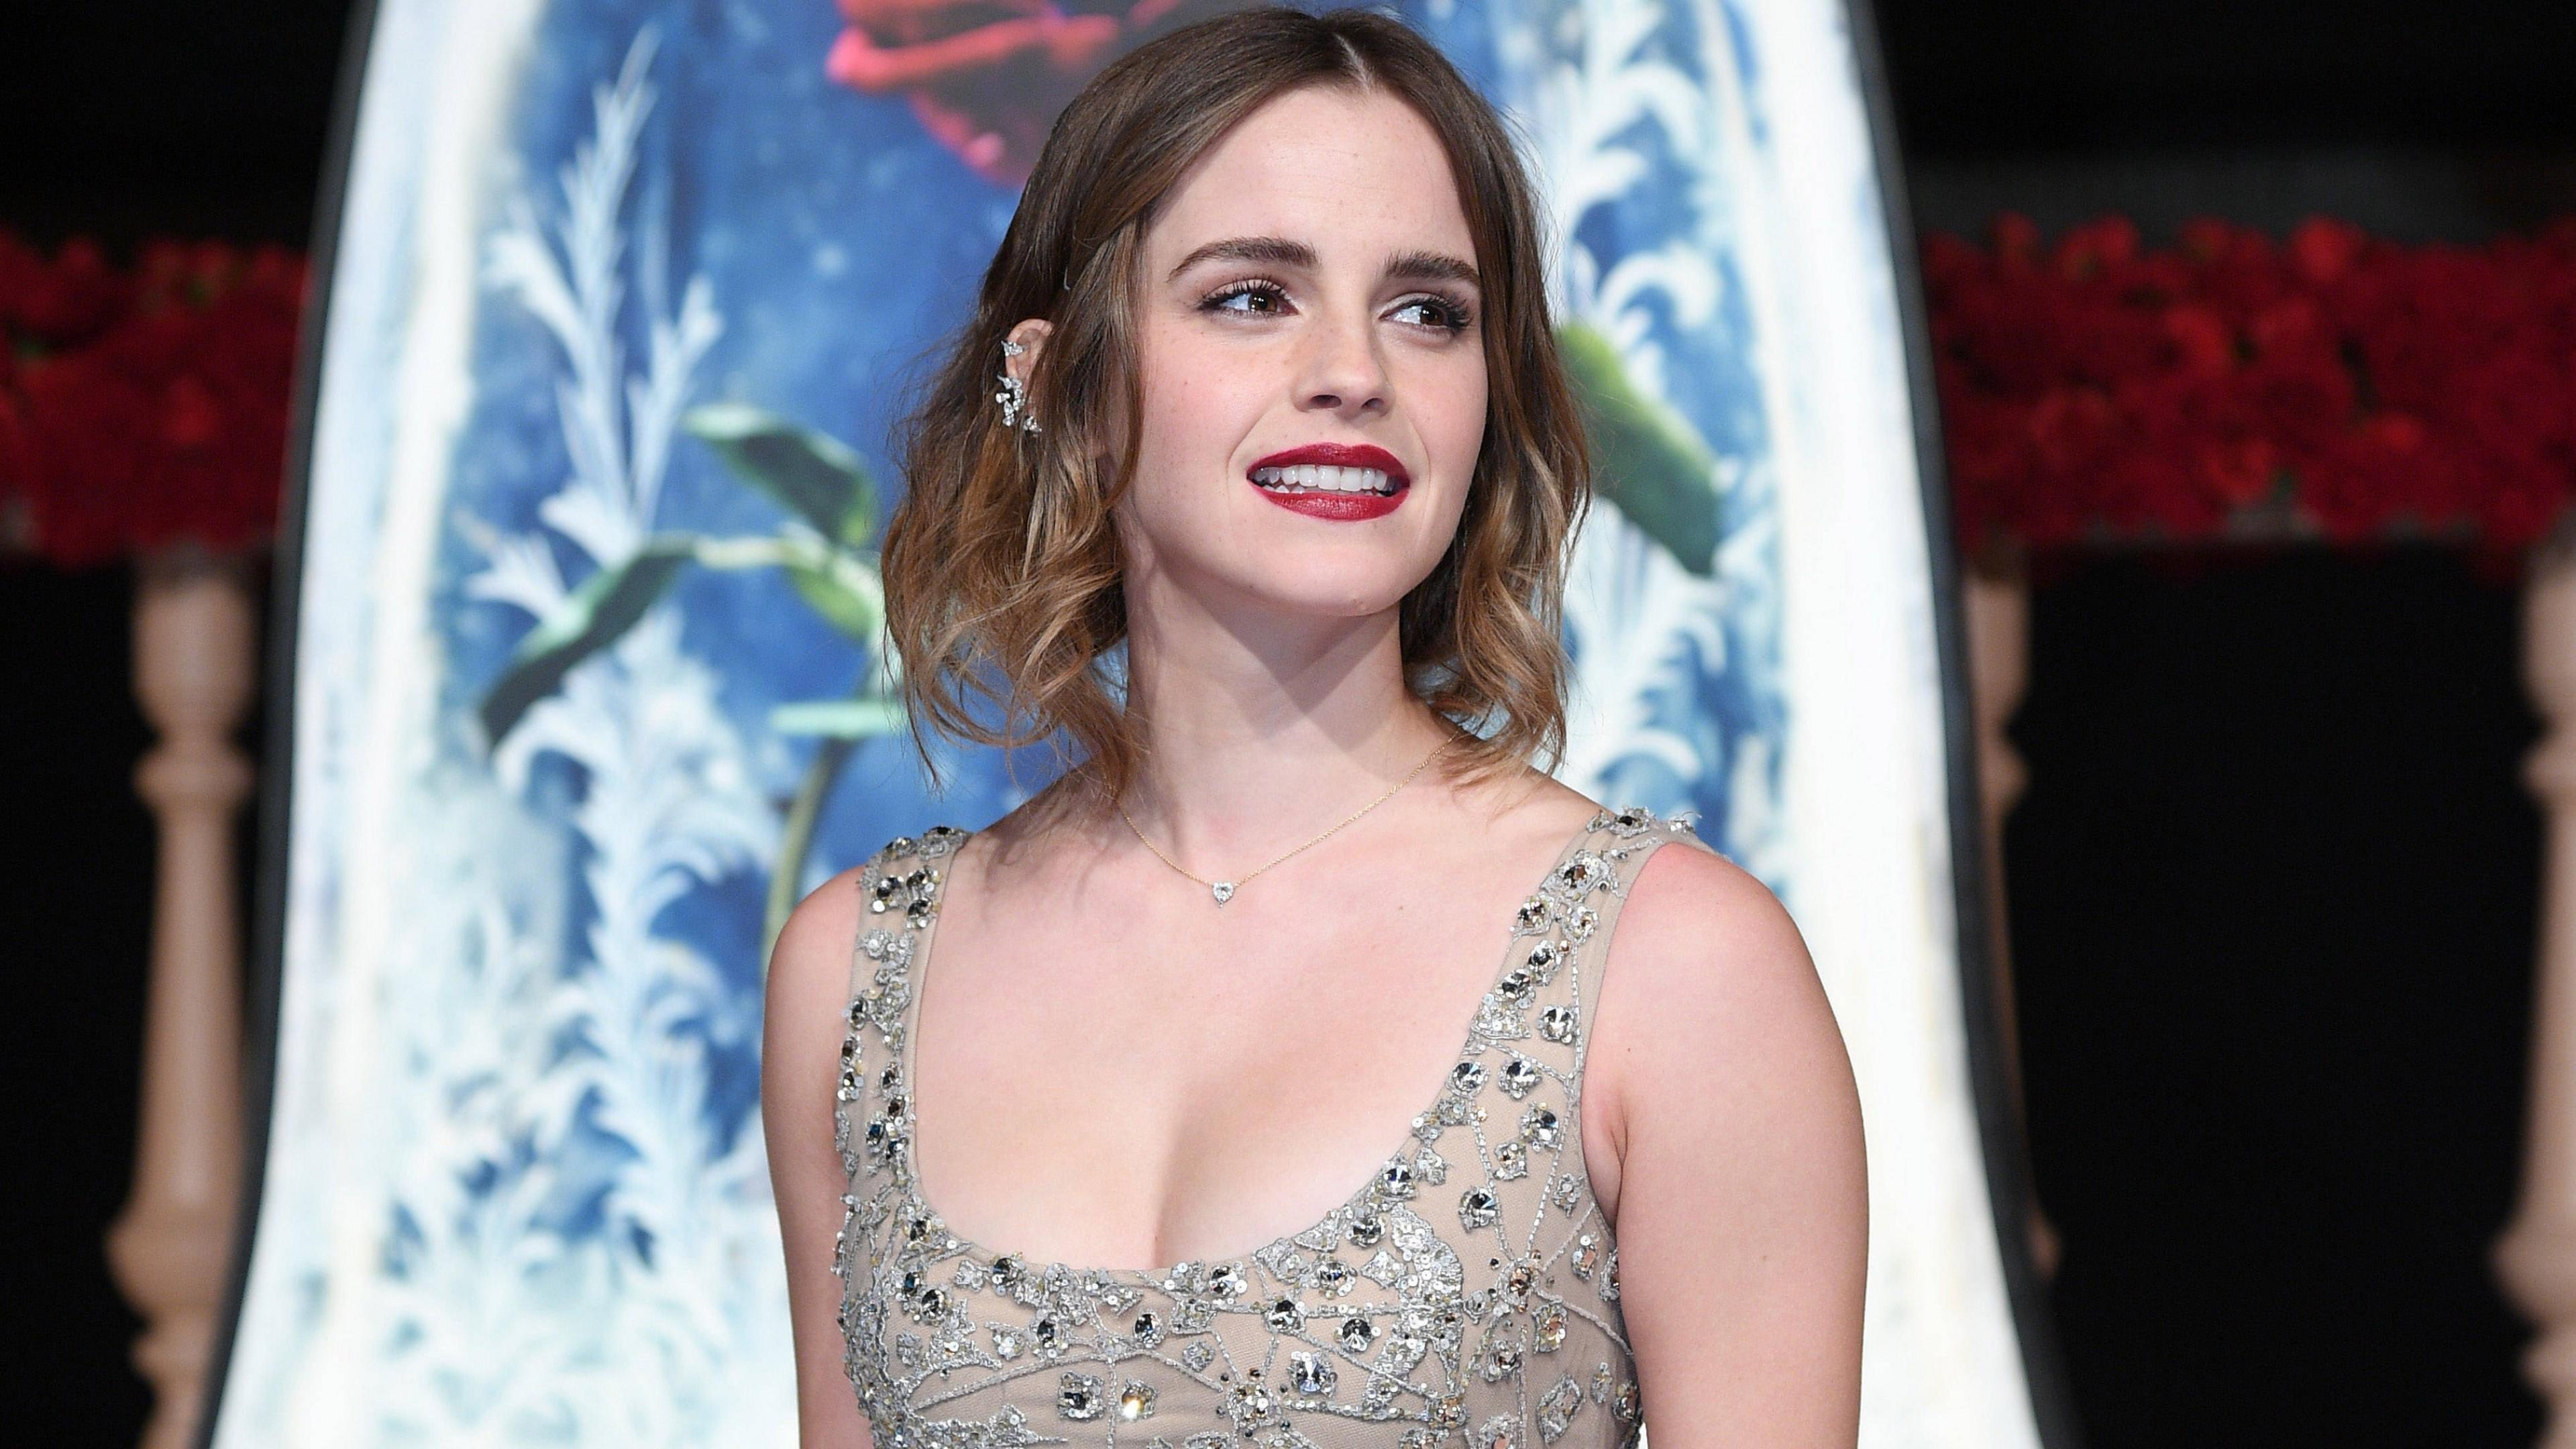 Элегантная красивая девушка с белоснежной улыбкой